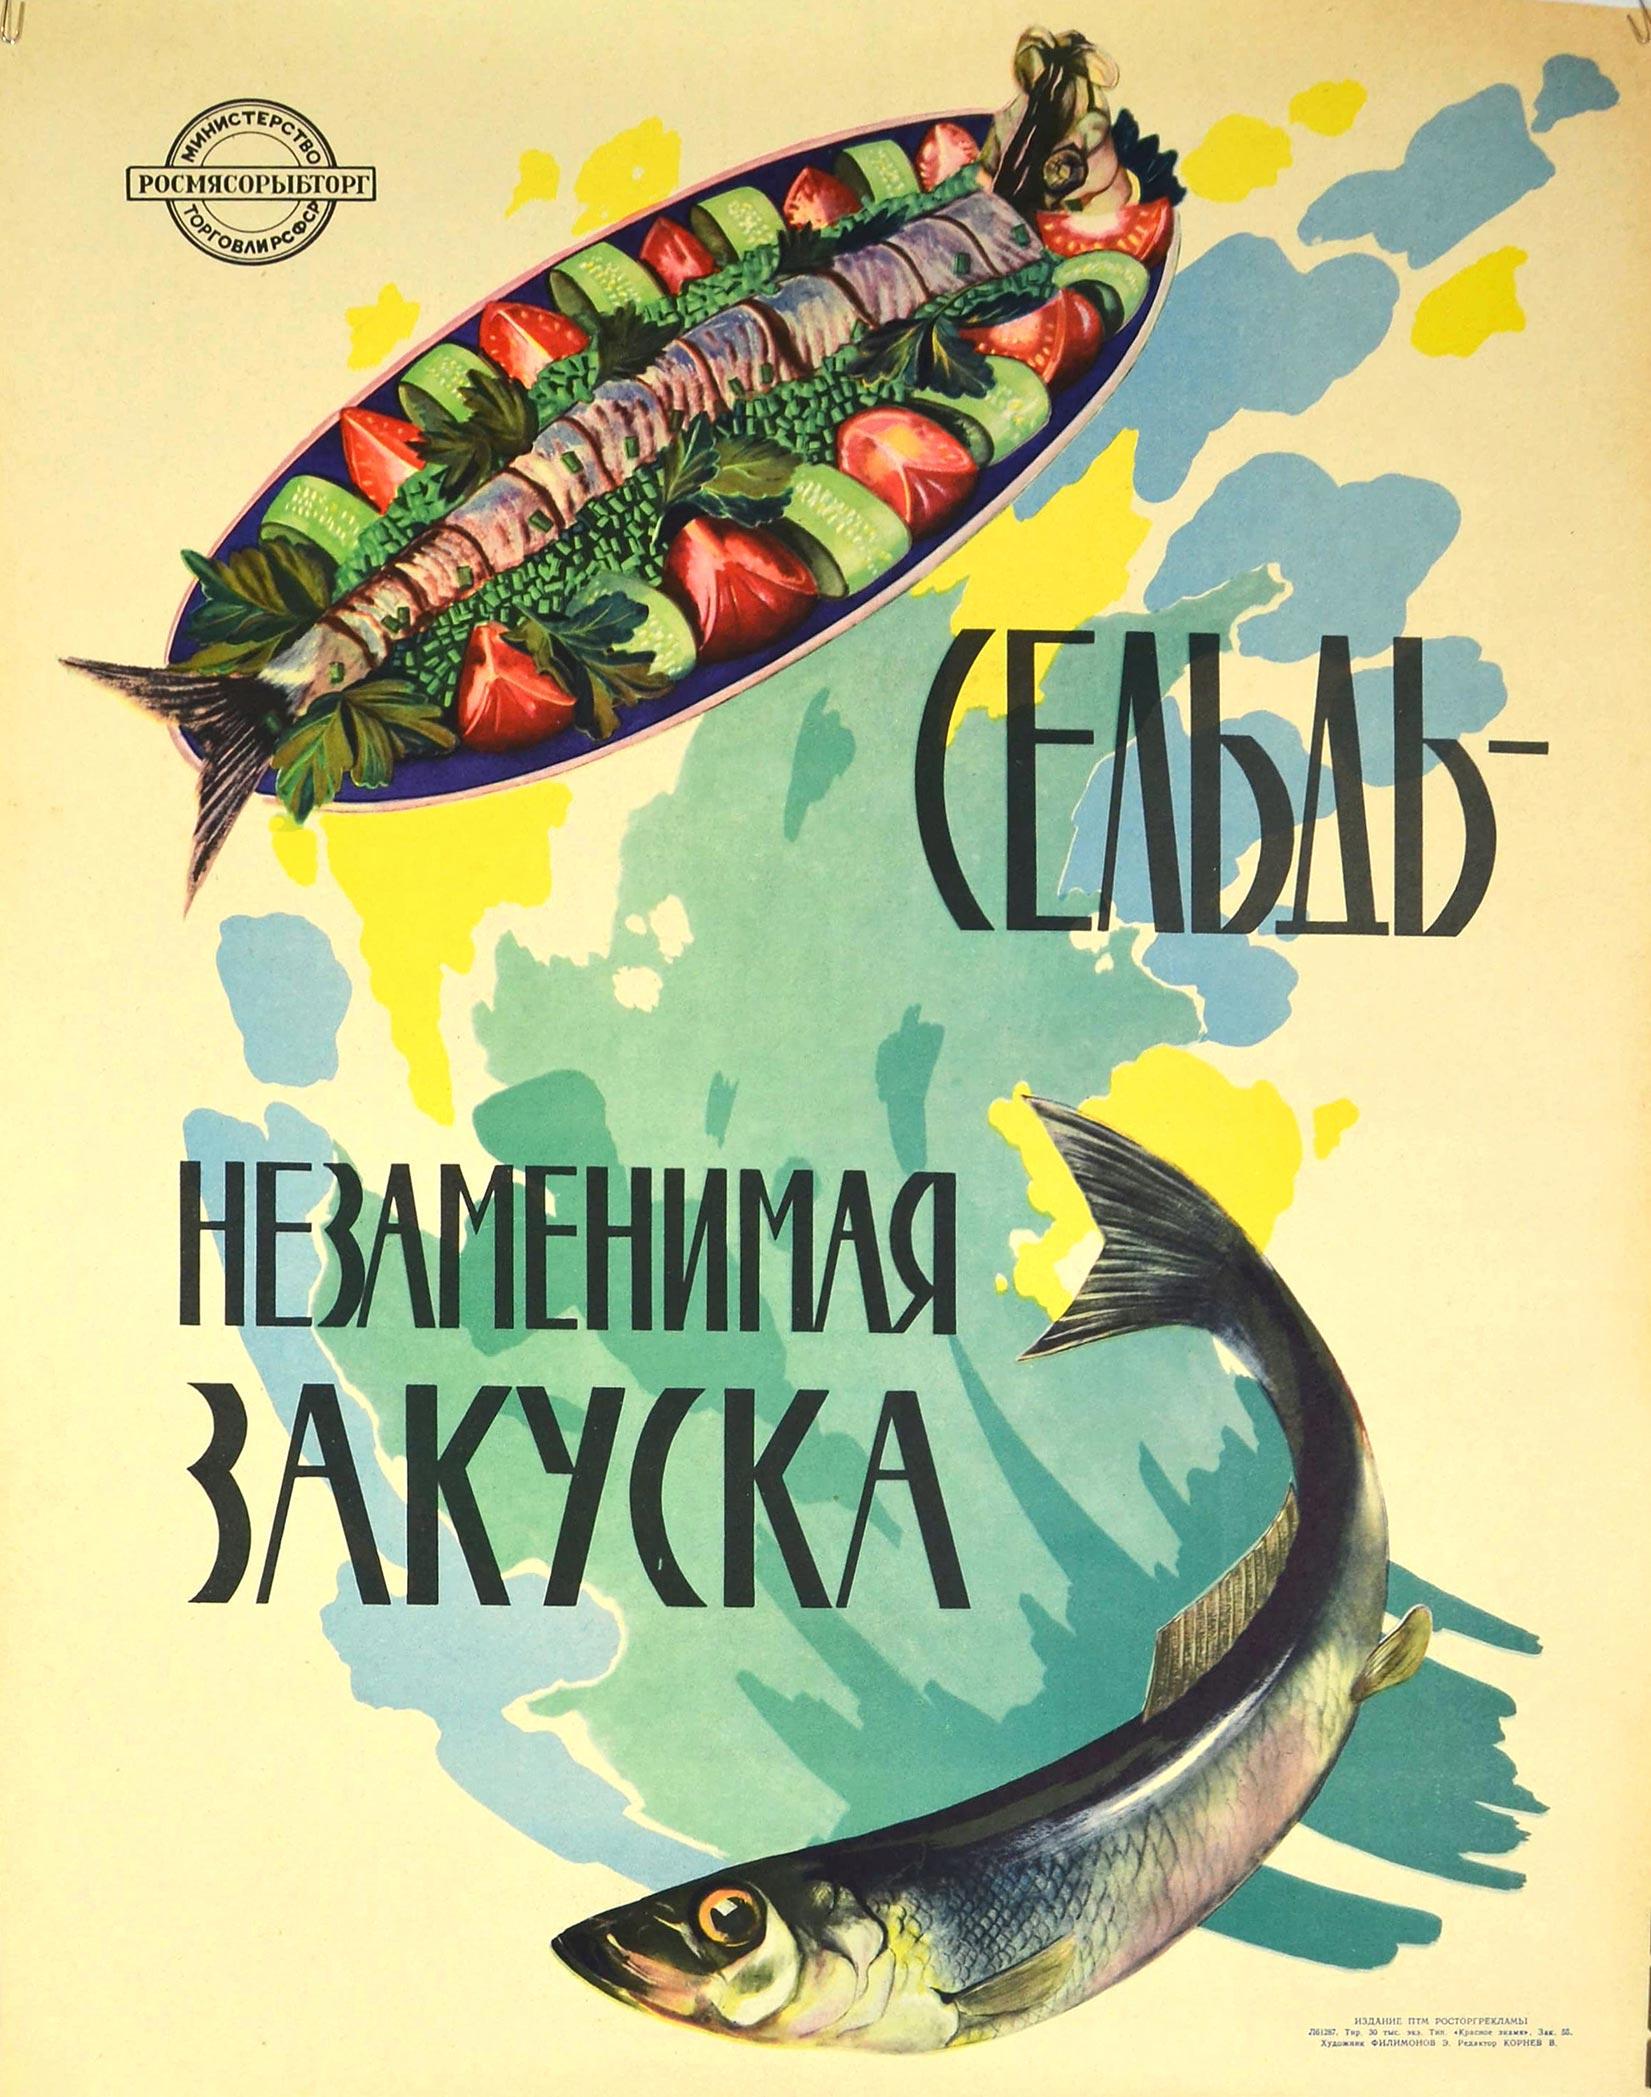 Сельдь – незаменимая закуска. Художник Э. Филимонов.